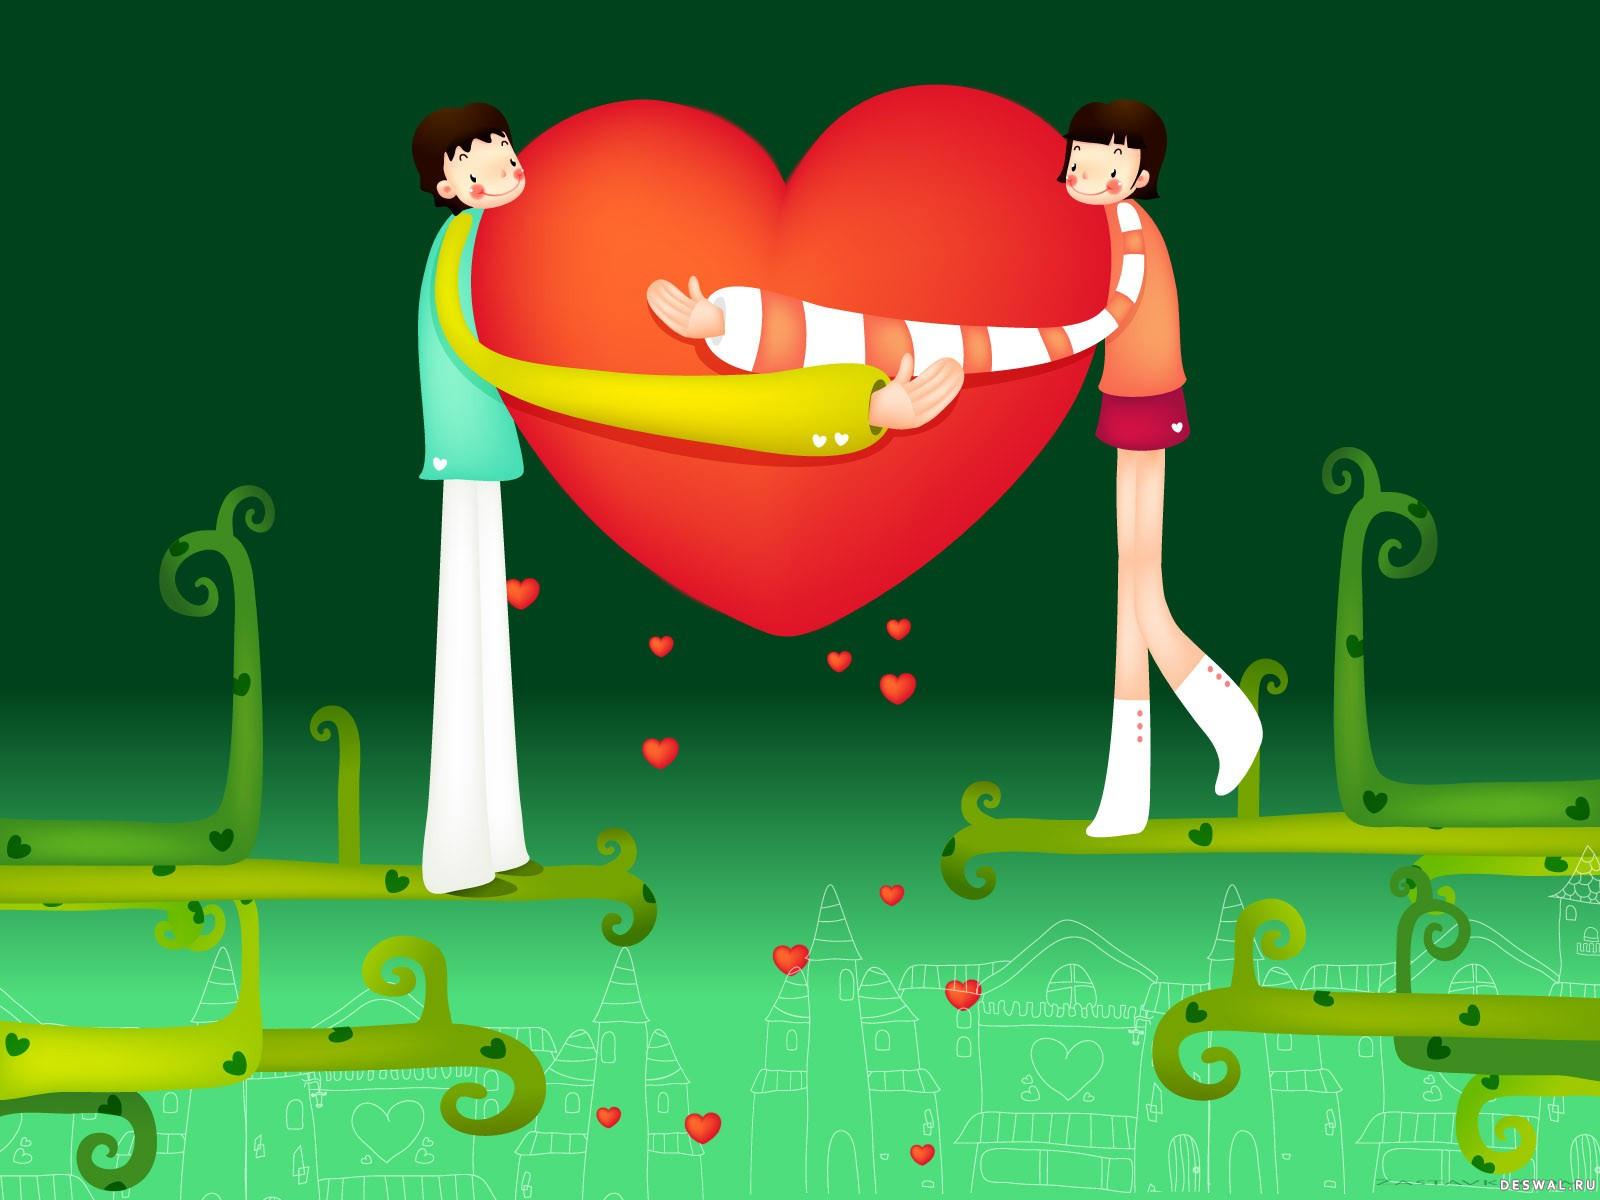 Фото 3. Нажмите на картинку с романтическими обоями - любовь, чтобы просмотреть ее в реальном размере